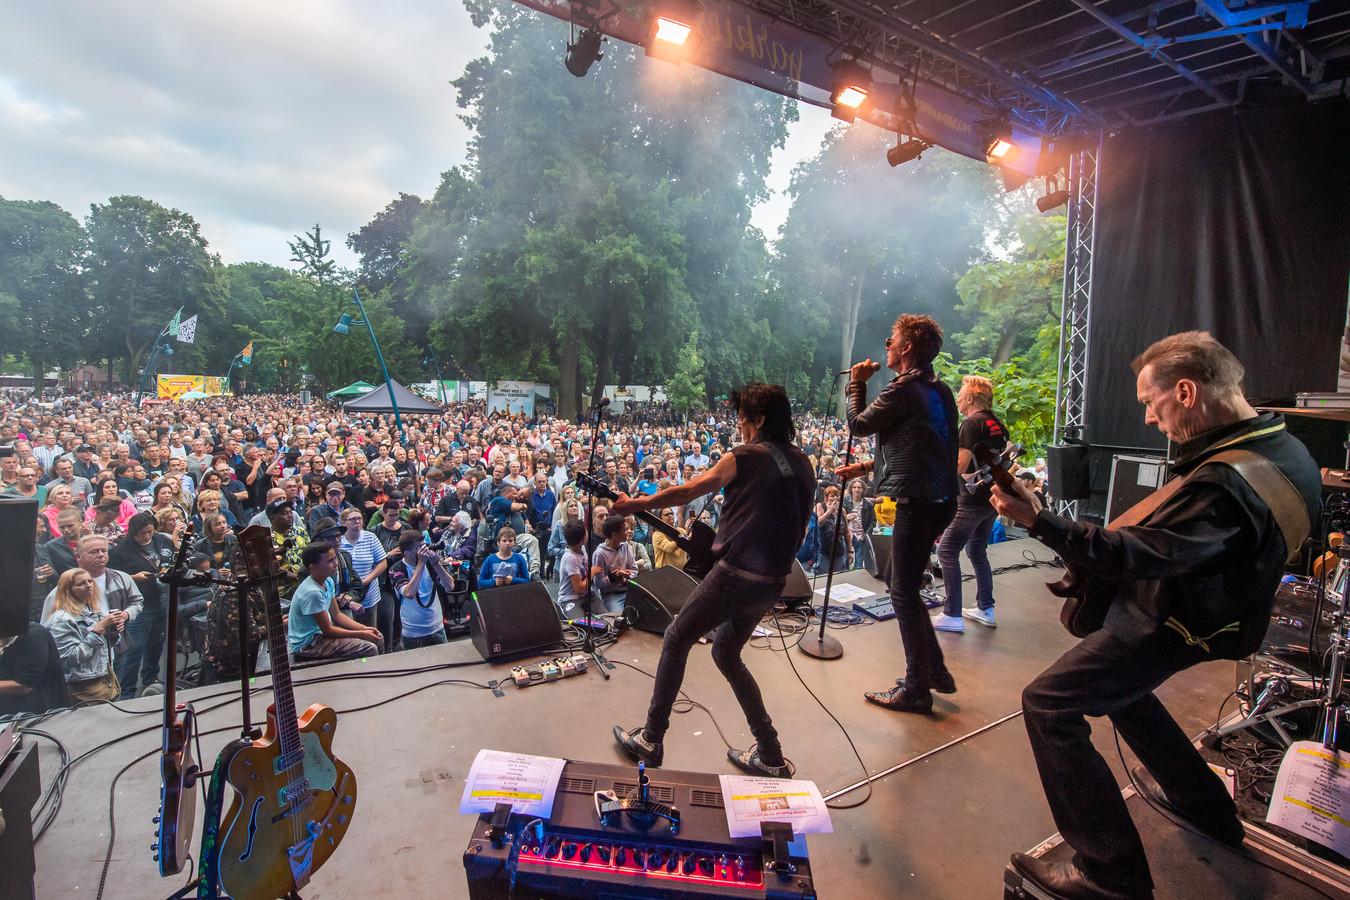 Volle bak bij een optreden van The Wild Romance tijdens Palm Parkies Breda in 2019.